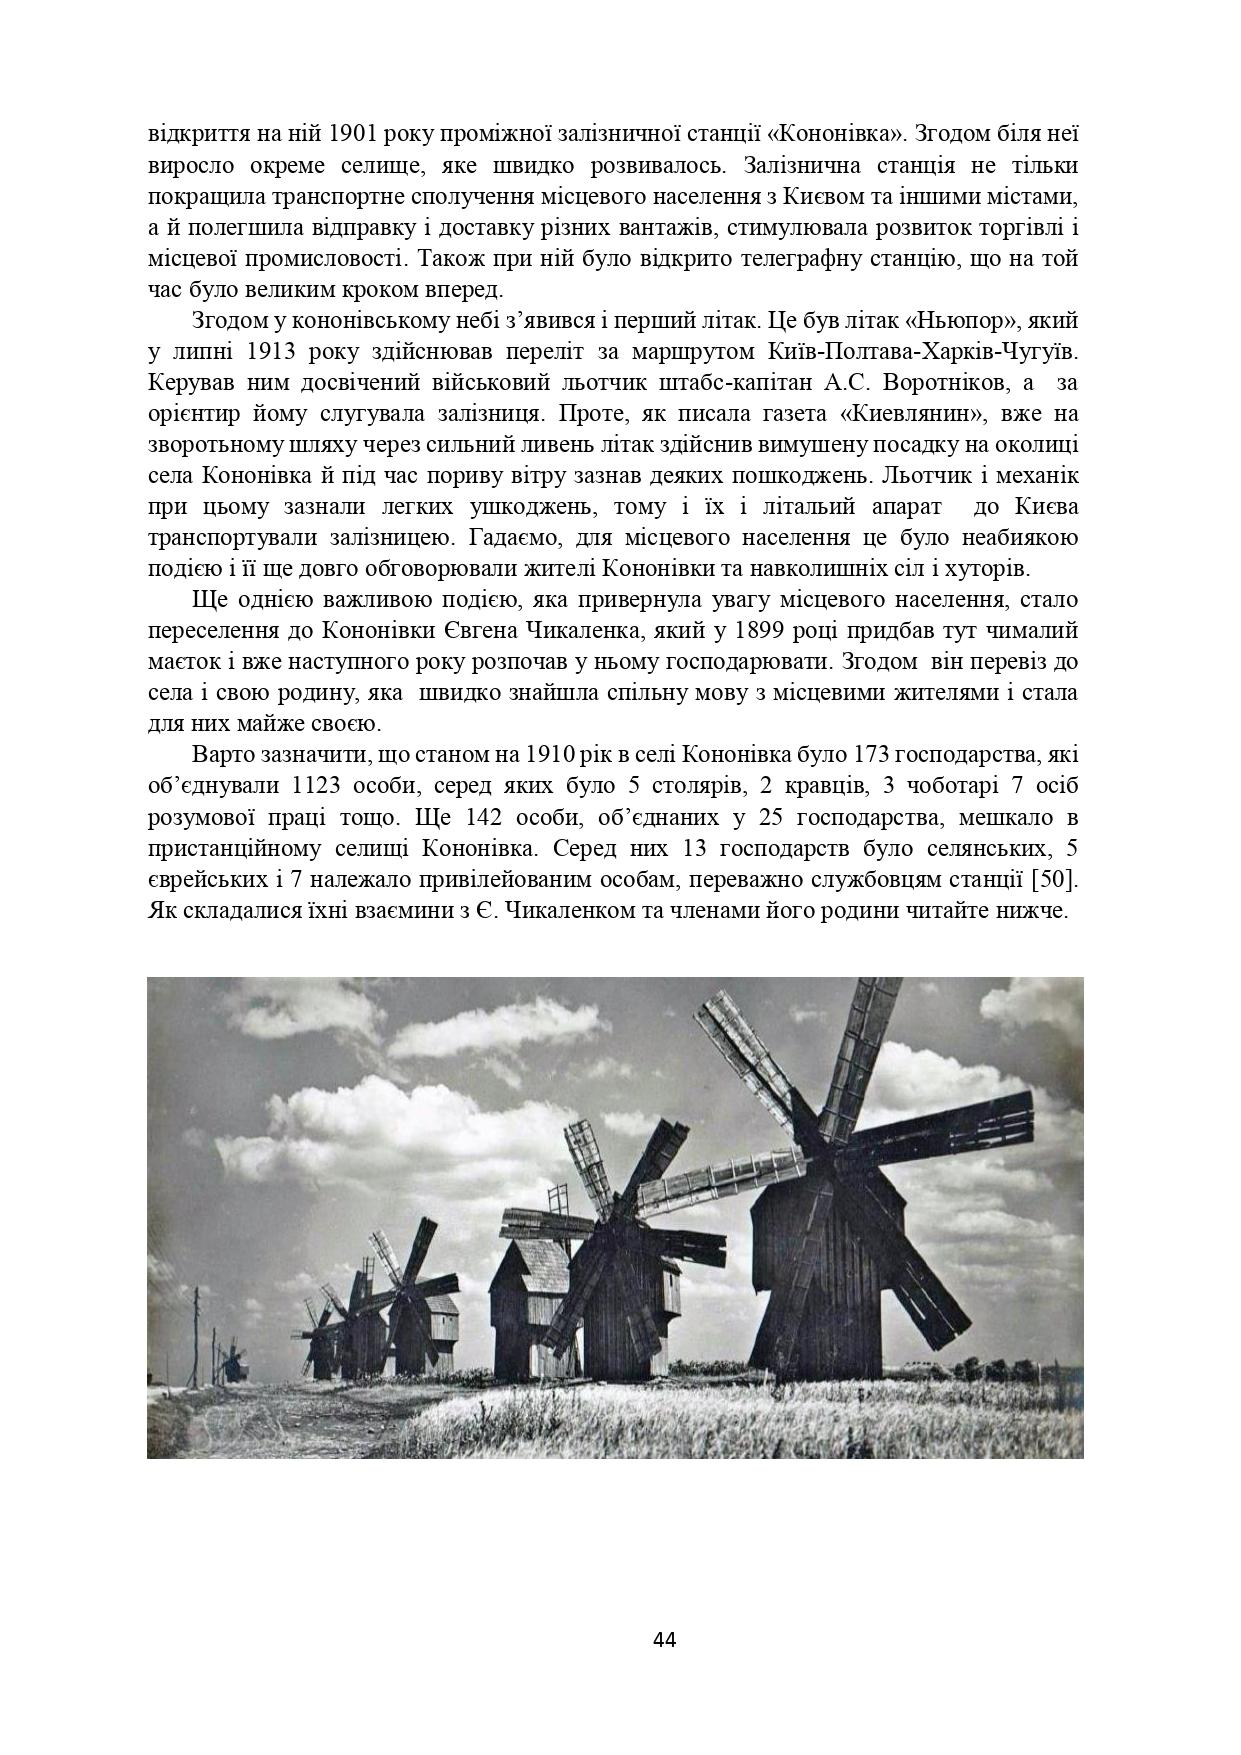 ІСТОРІЯ СЕЛА КОНОНІВКА 2021 (1)_page-0044